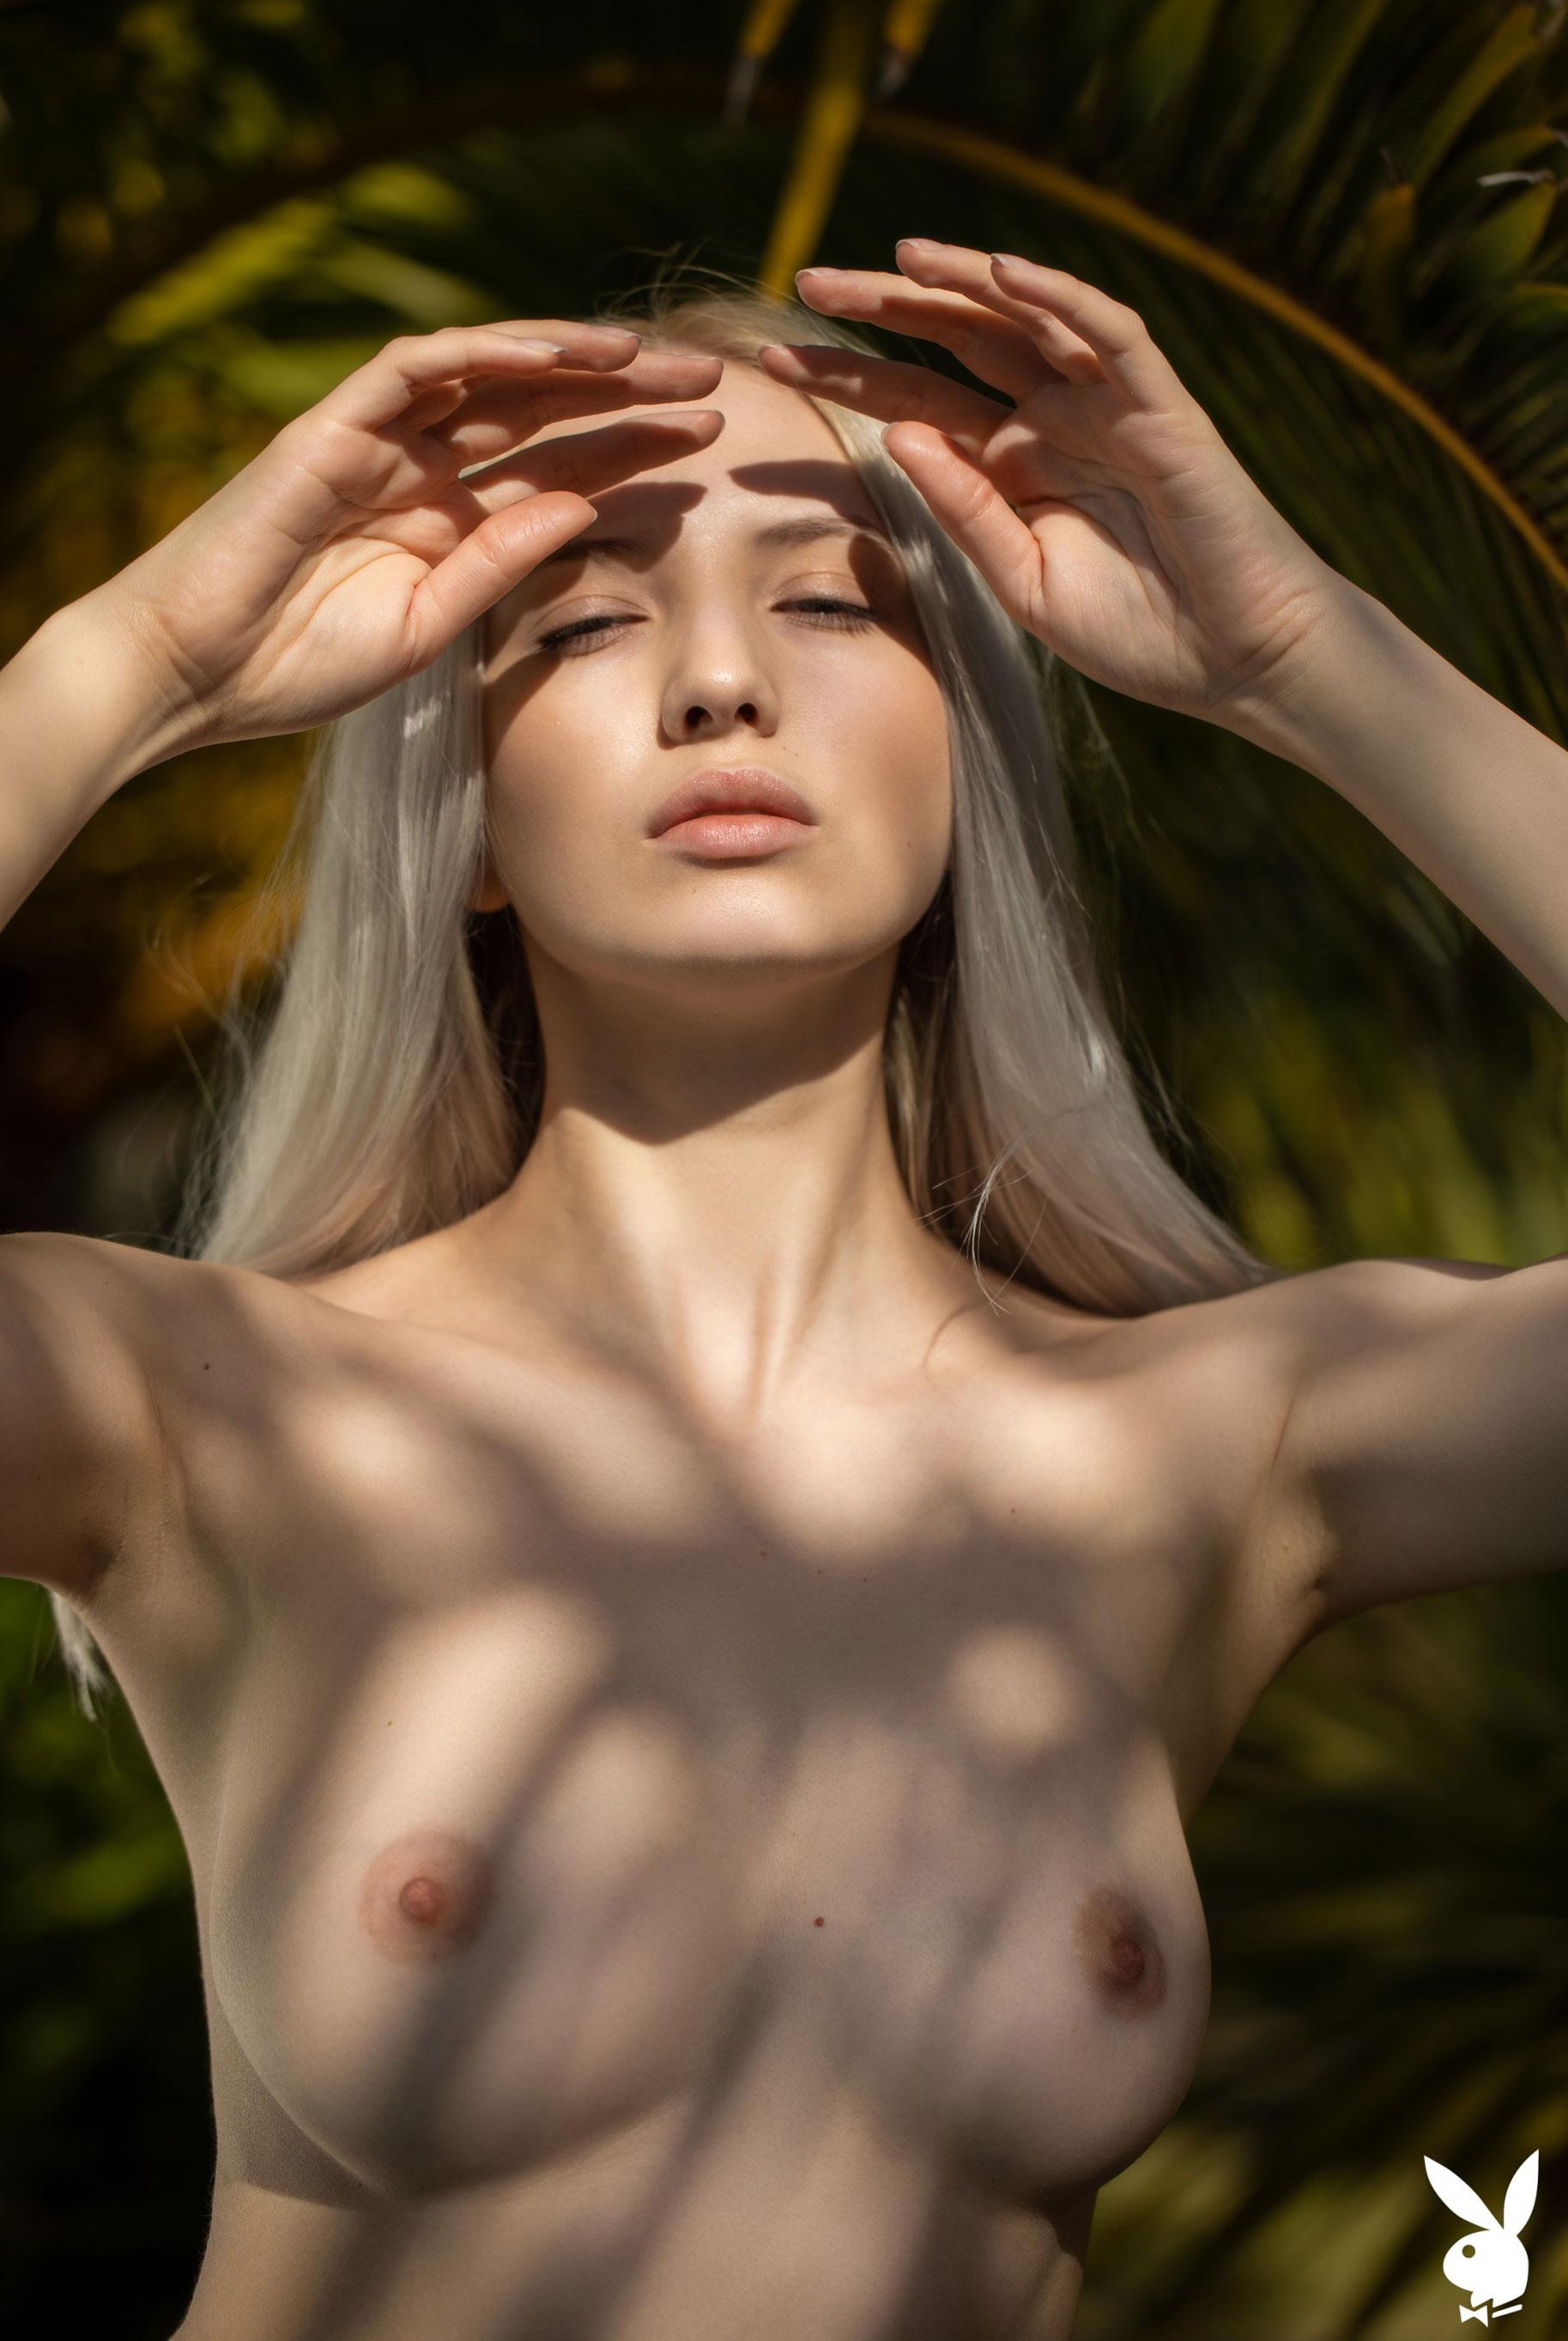 Сексуальная и голая Моника Васп в окружении тропических растений / фото 11